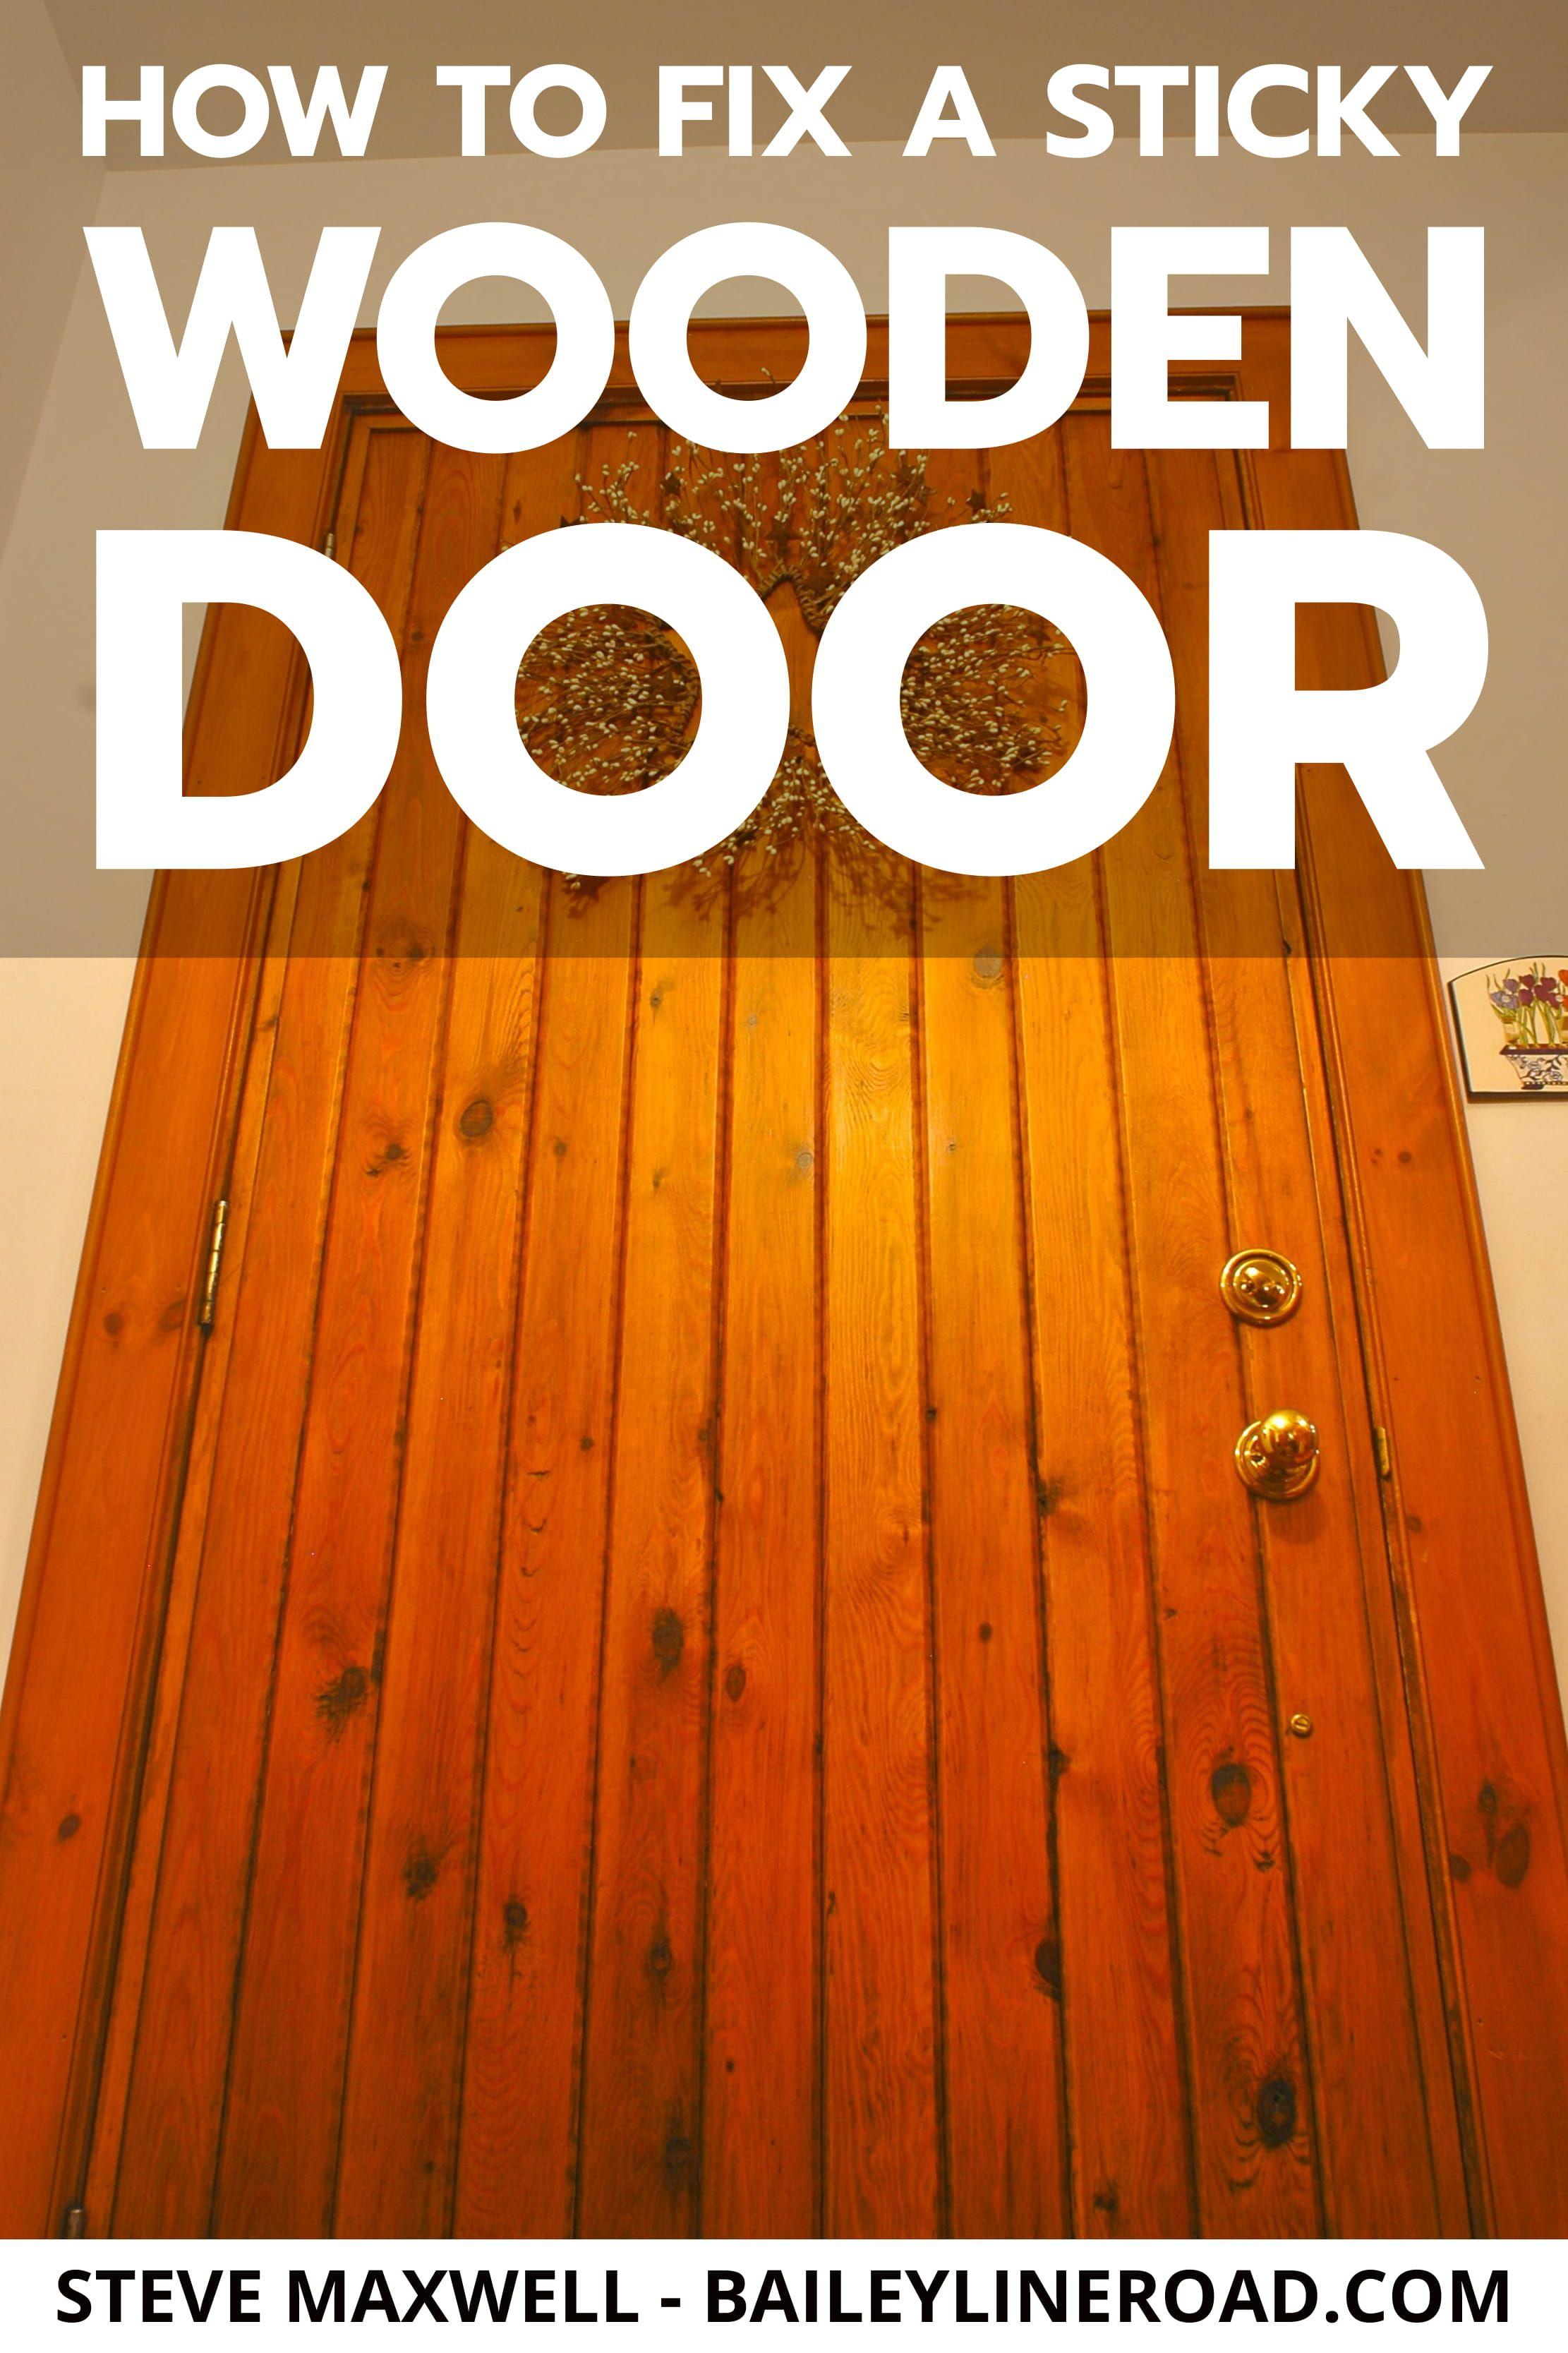 Sticky Wooden Door Fix Tips For Diy Repairs Baileylineroad In 2020 Wooden Doors Wooden Door Repair